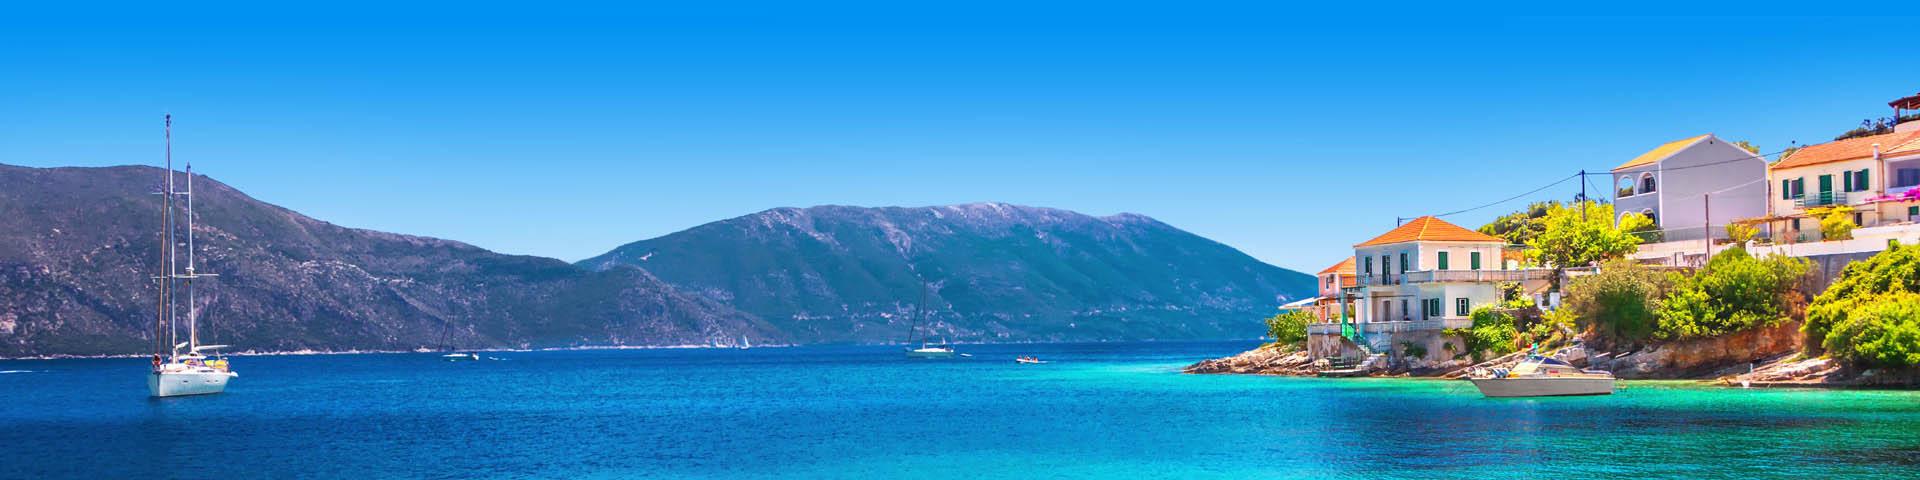 Blauwe zee met boten in Griekenland